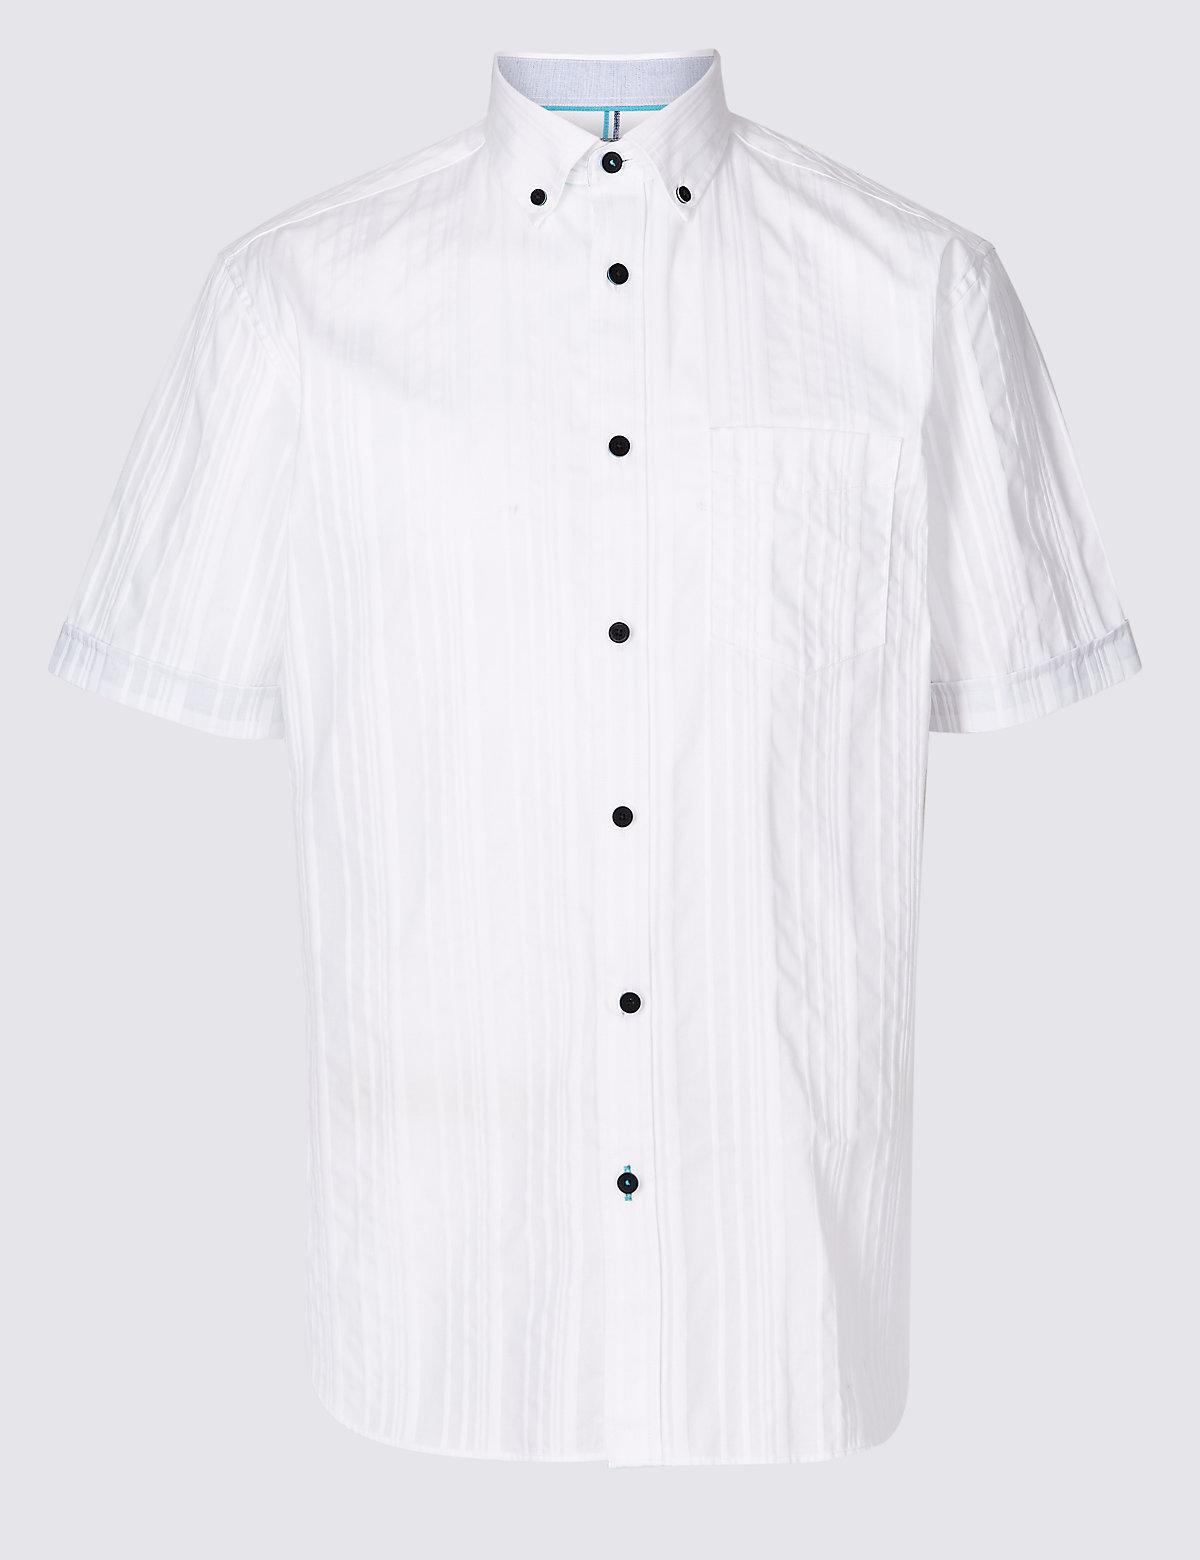 Текстурированная мужская рубашка с карманом